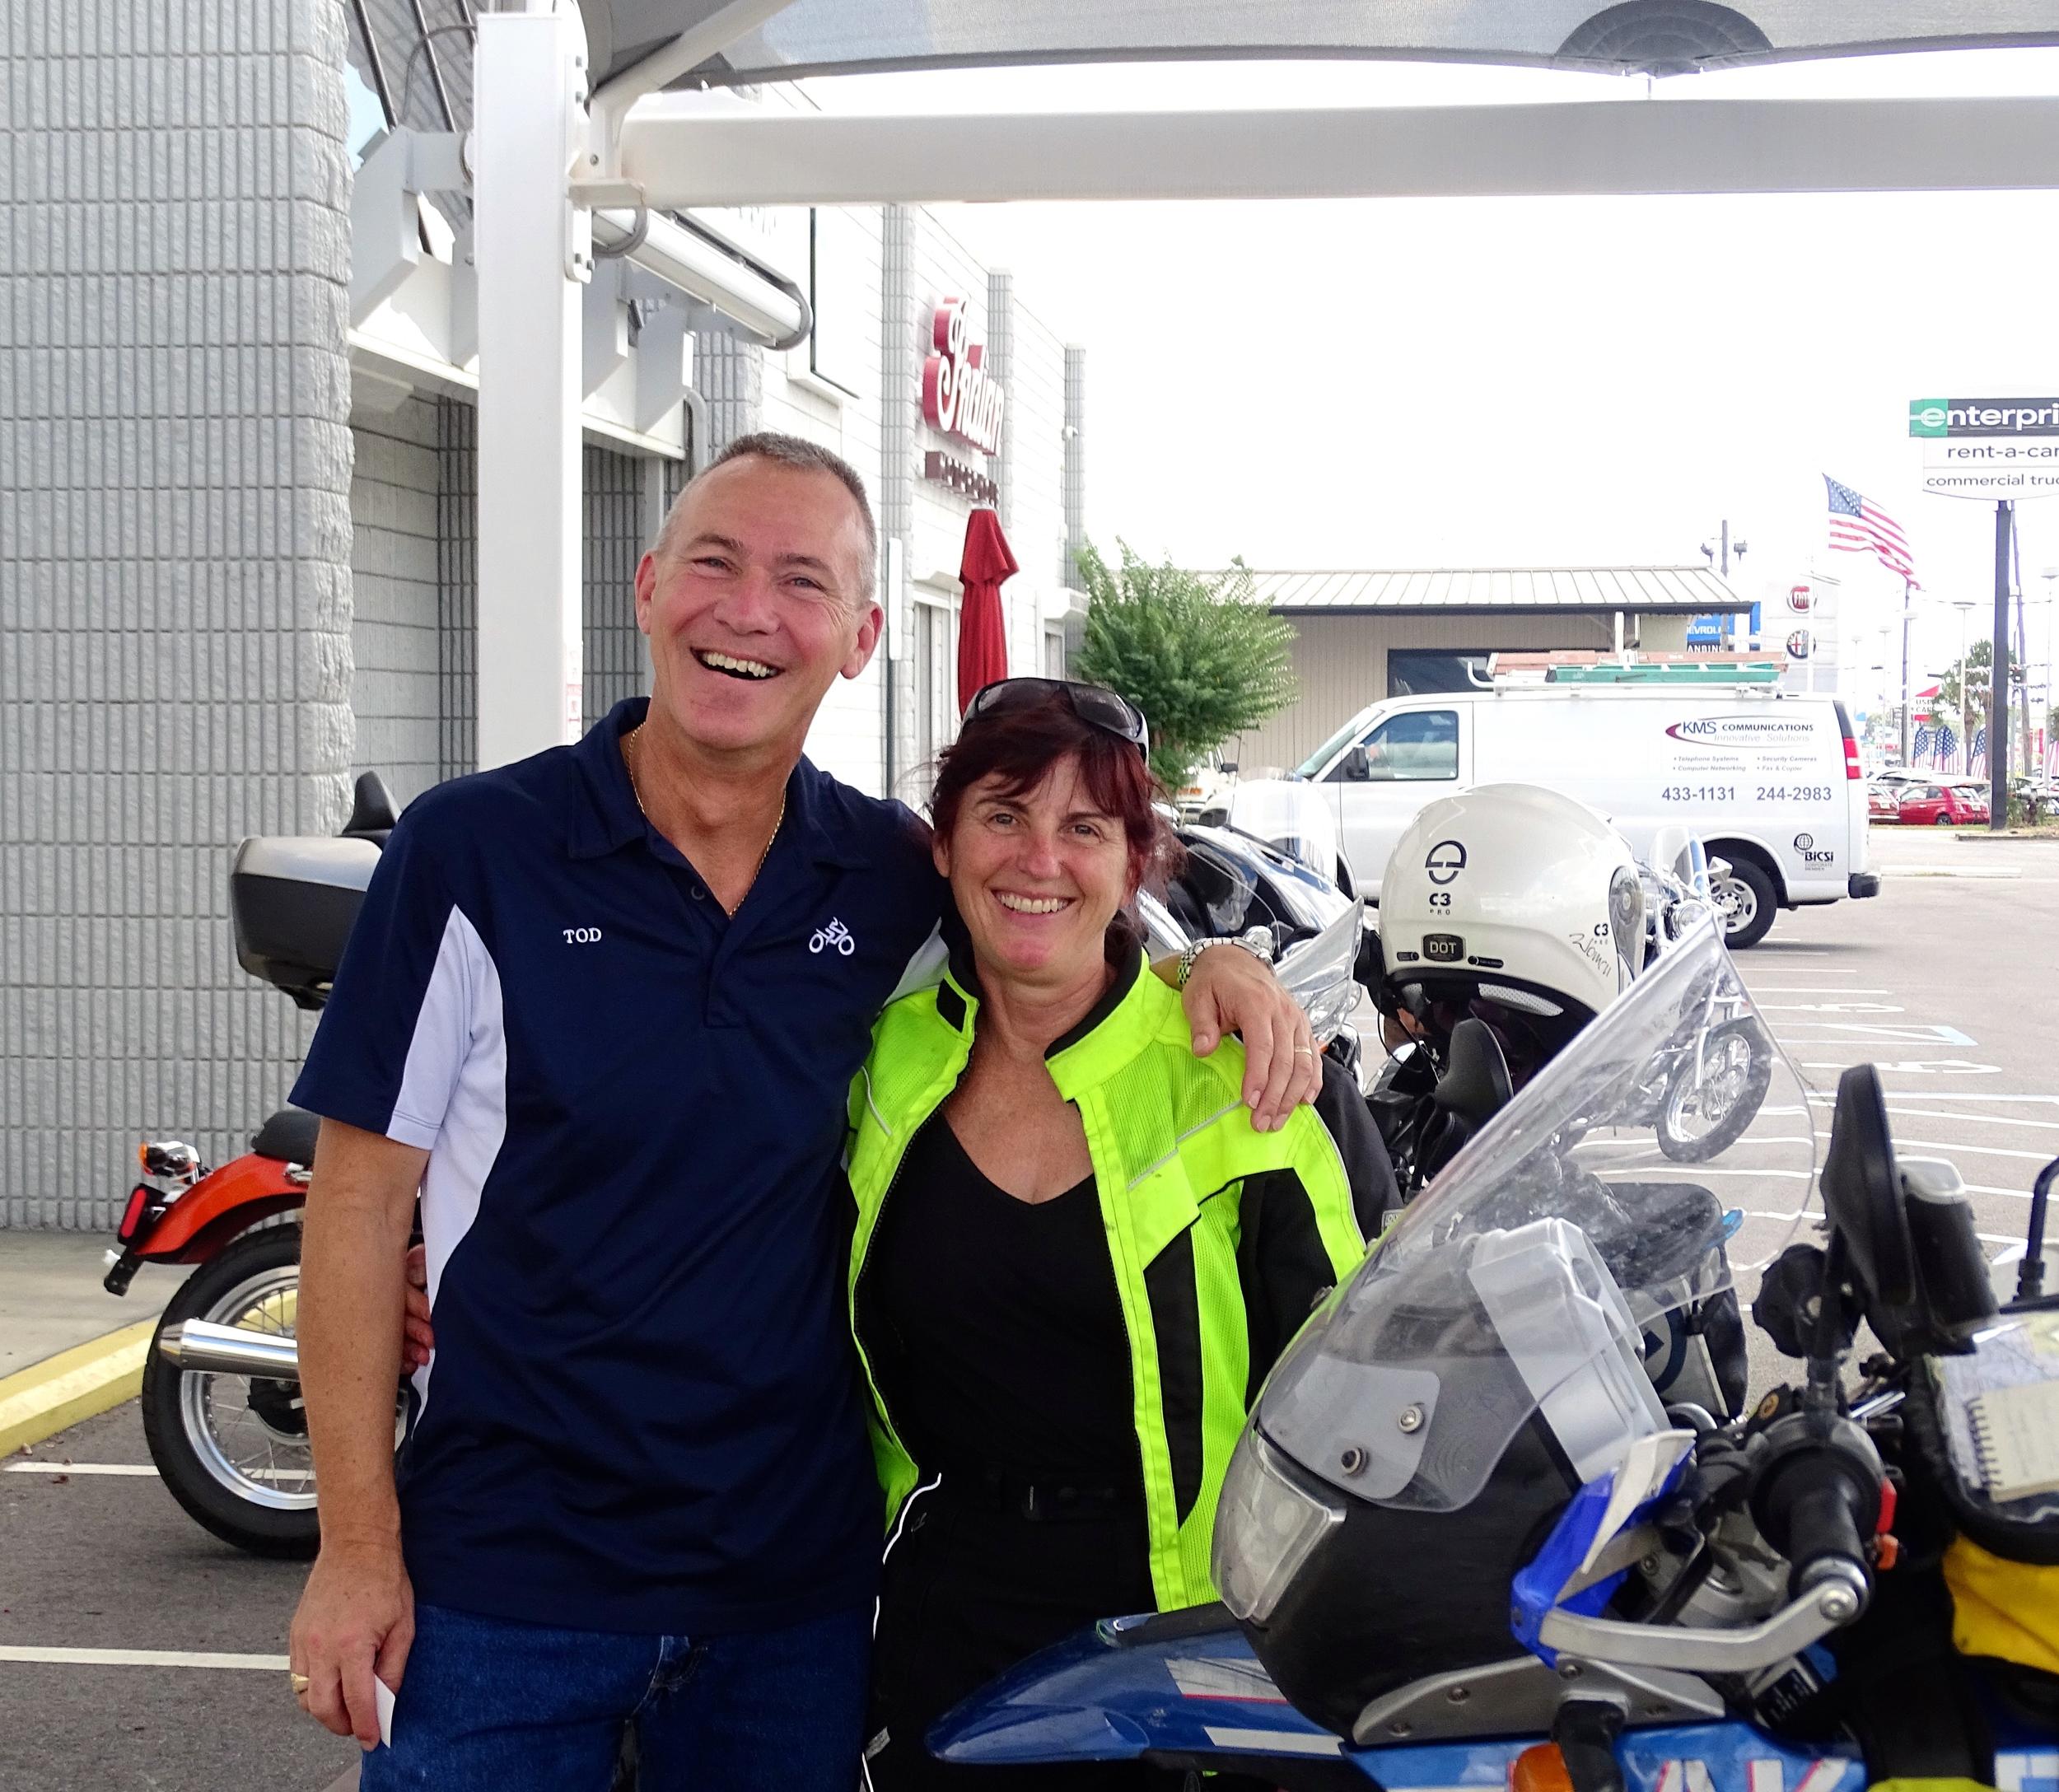 Tod at BMW in Pensacola, FL